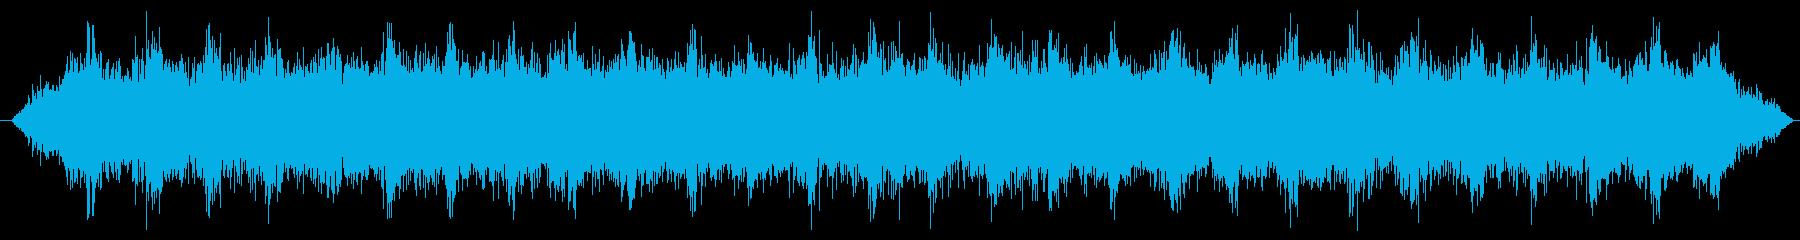 工場 タイプAの再生済みの波形